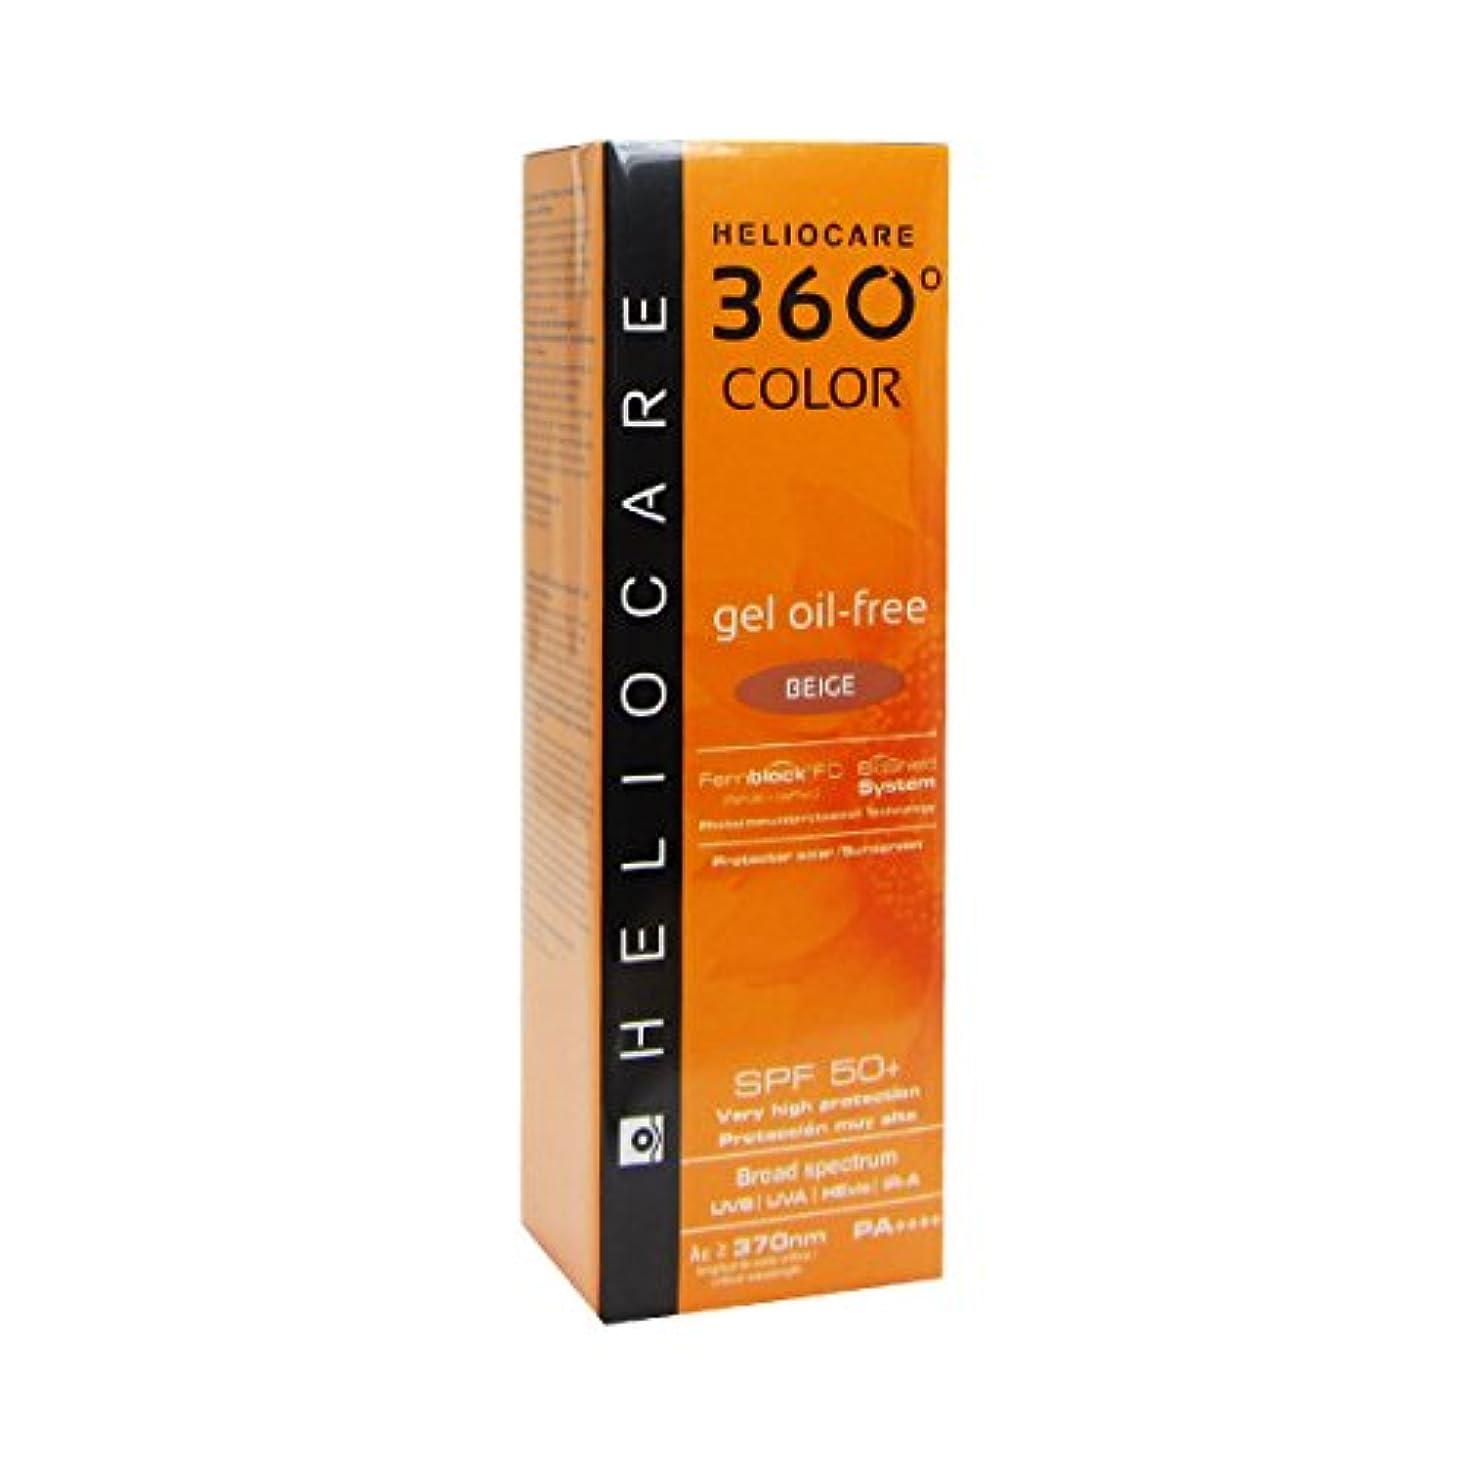 縫い目プット地域Heliocare 360 Gel-color Oil-free Spf50 Beige 50ml [並行輸入品]